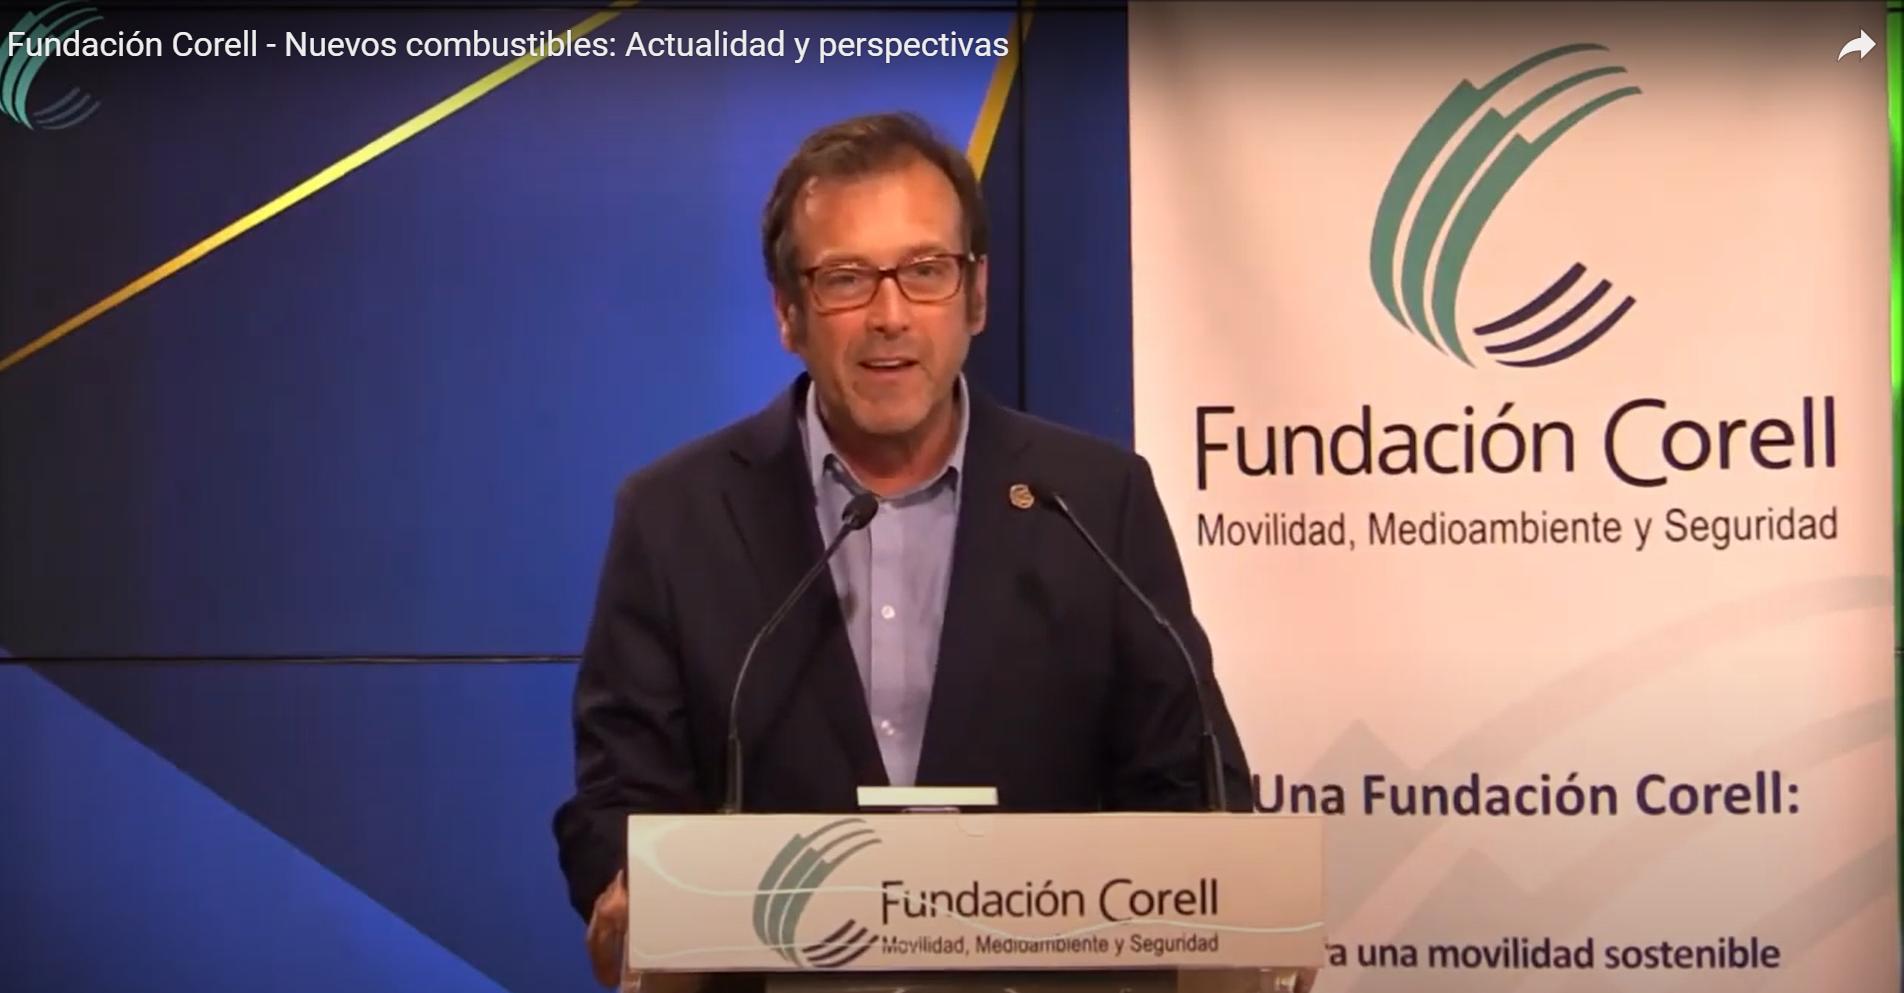 Objetivo: construir una alternativa sostenible en el sector del transporte